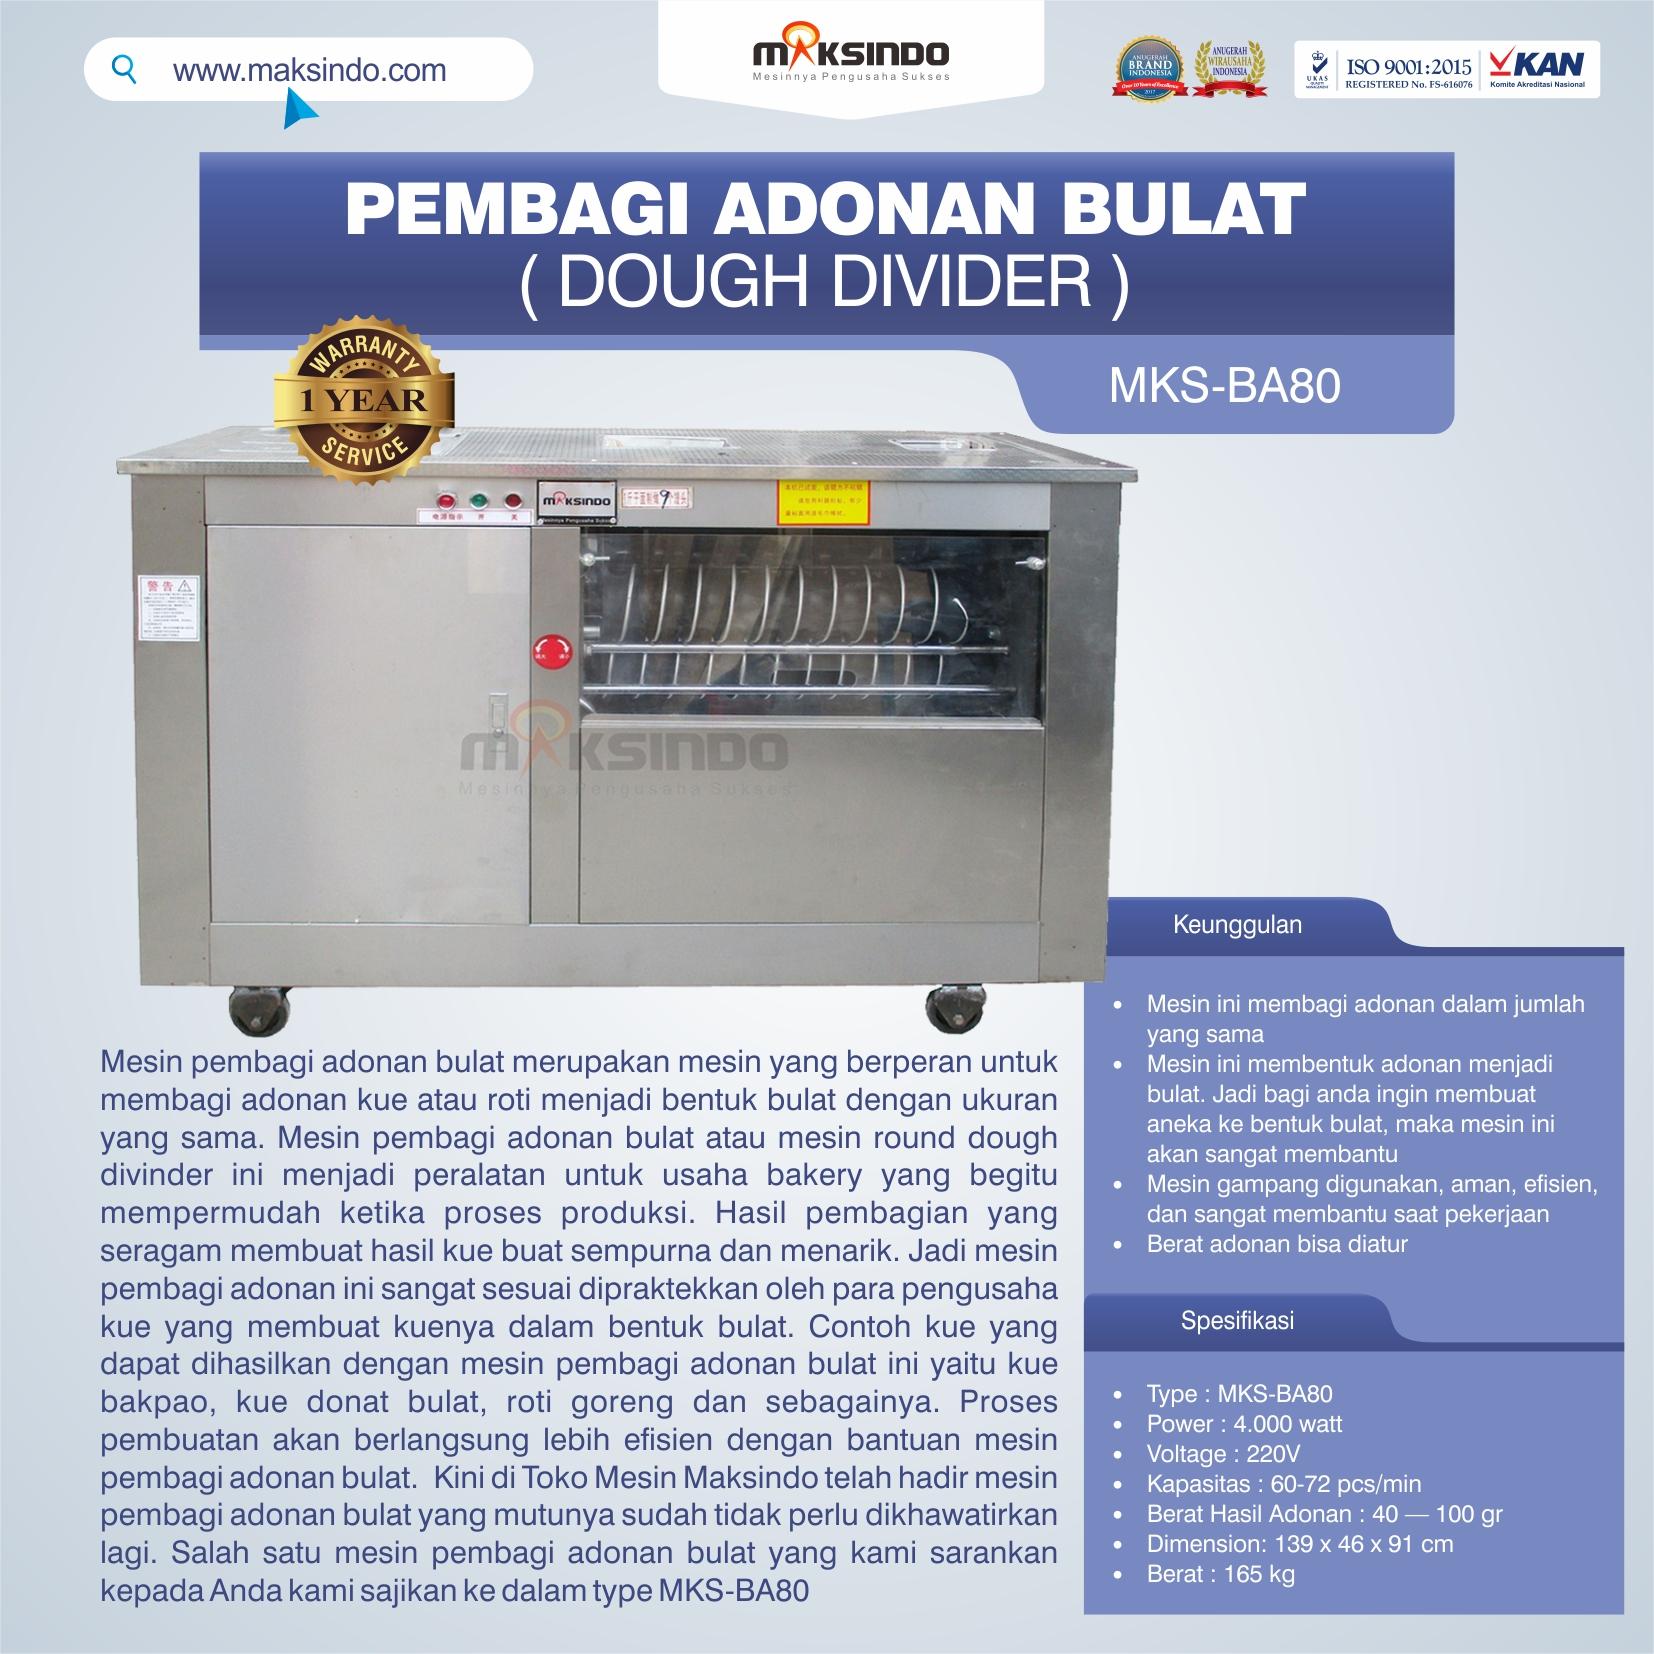 Jual Pembagi Adonan Bulat (Dough Divider) MKS-BA80 di Pekanbaru